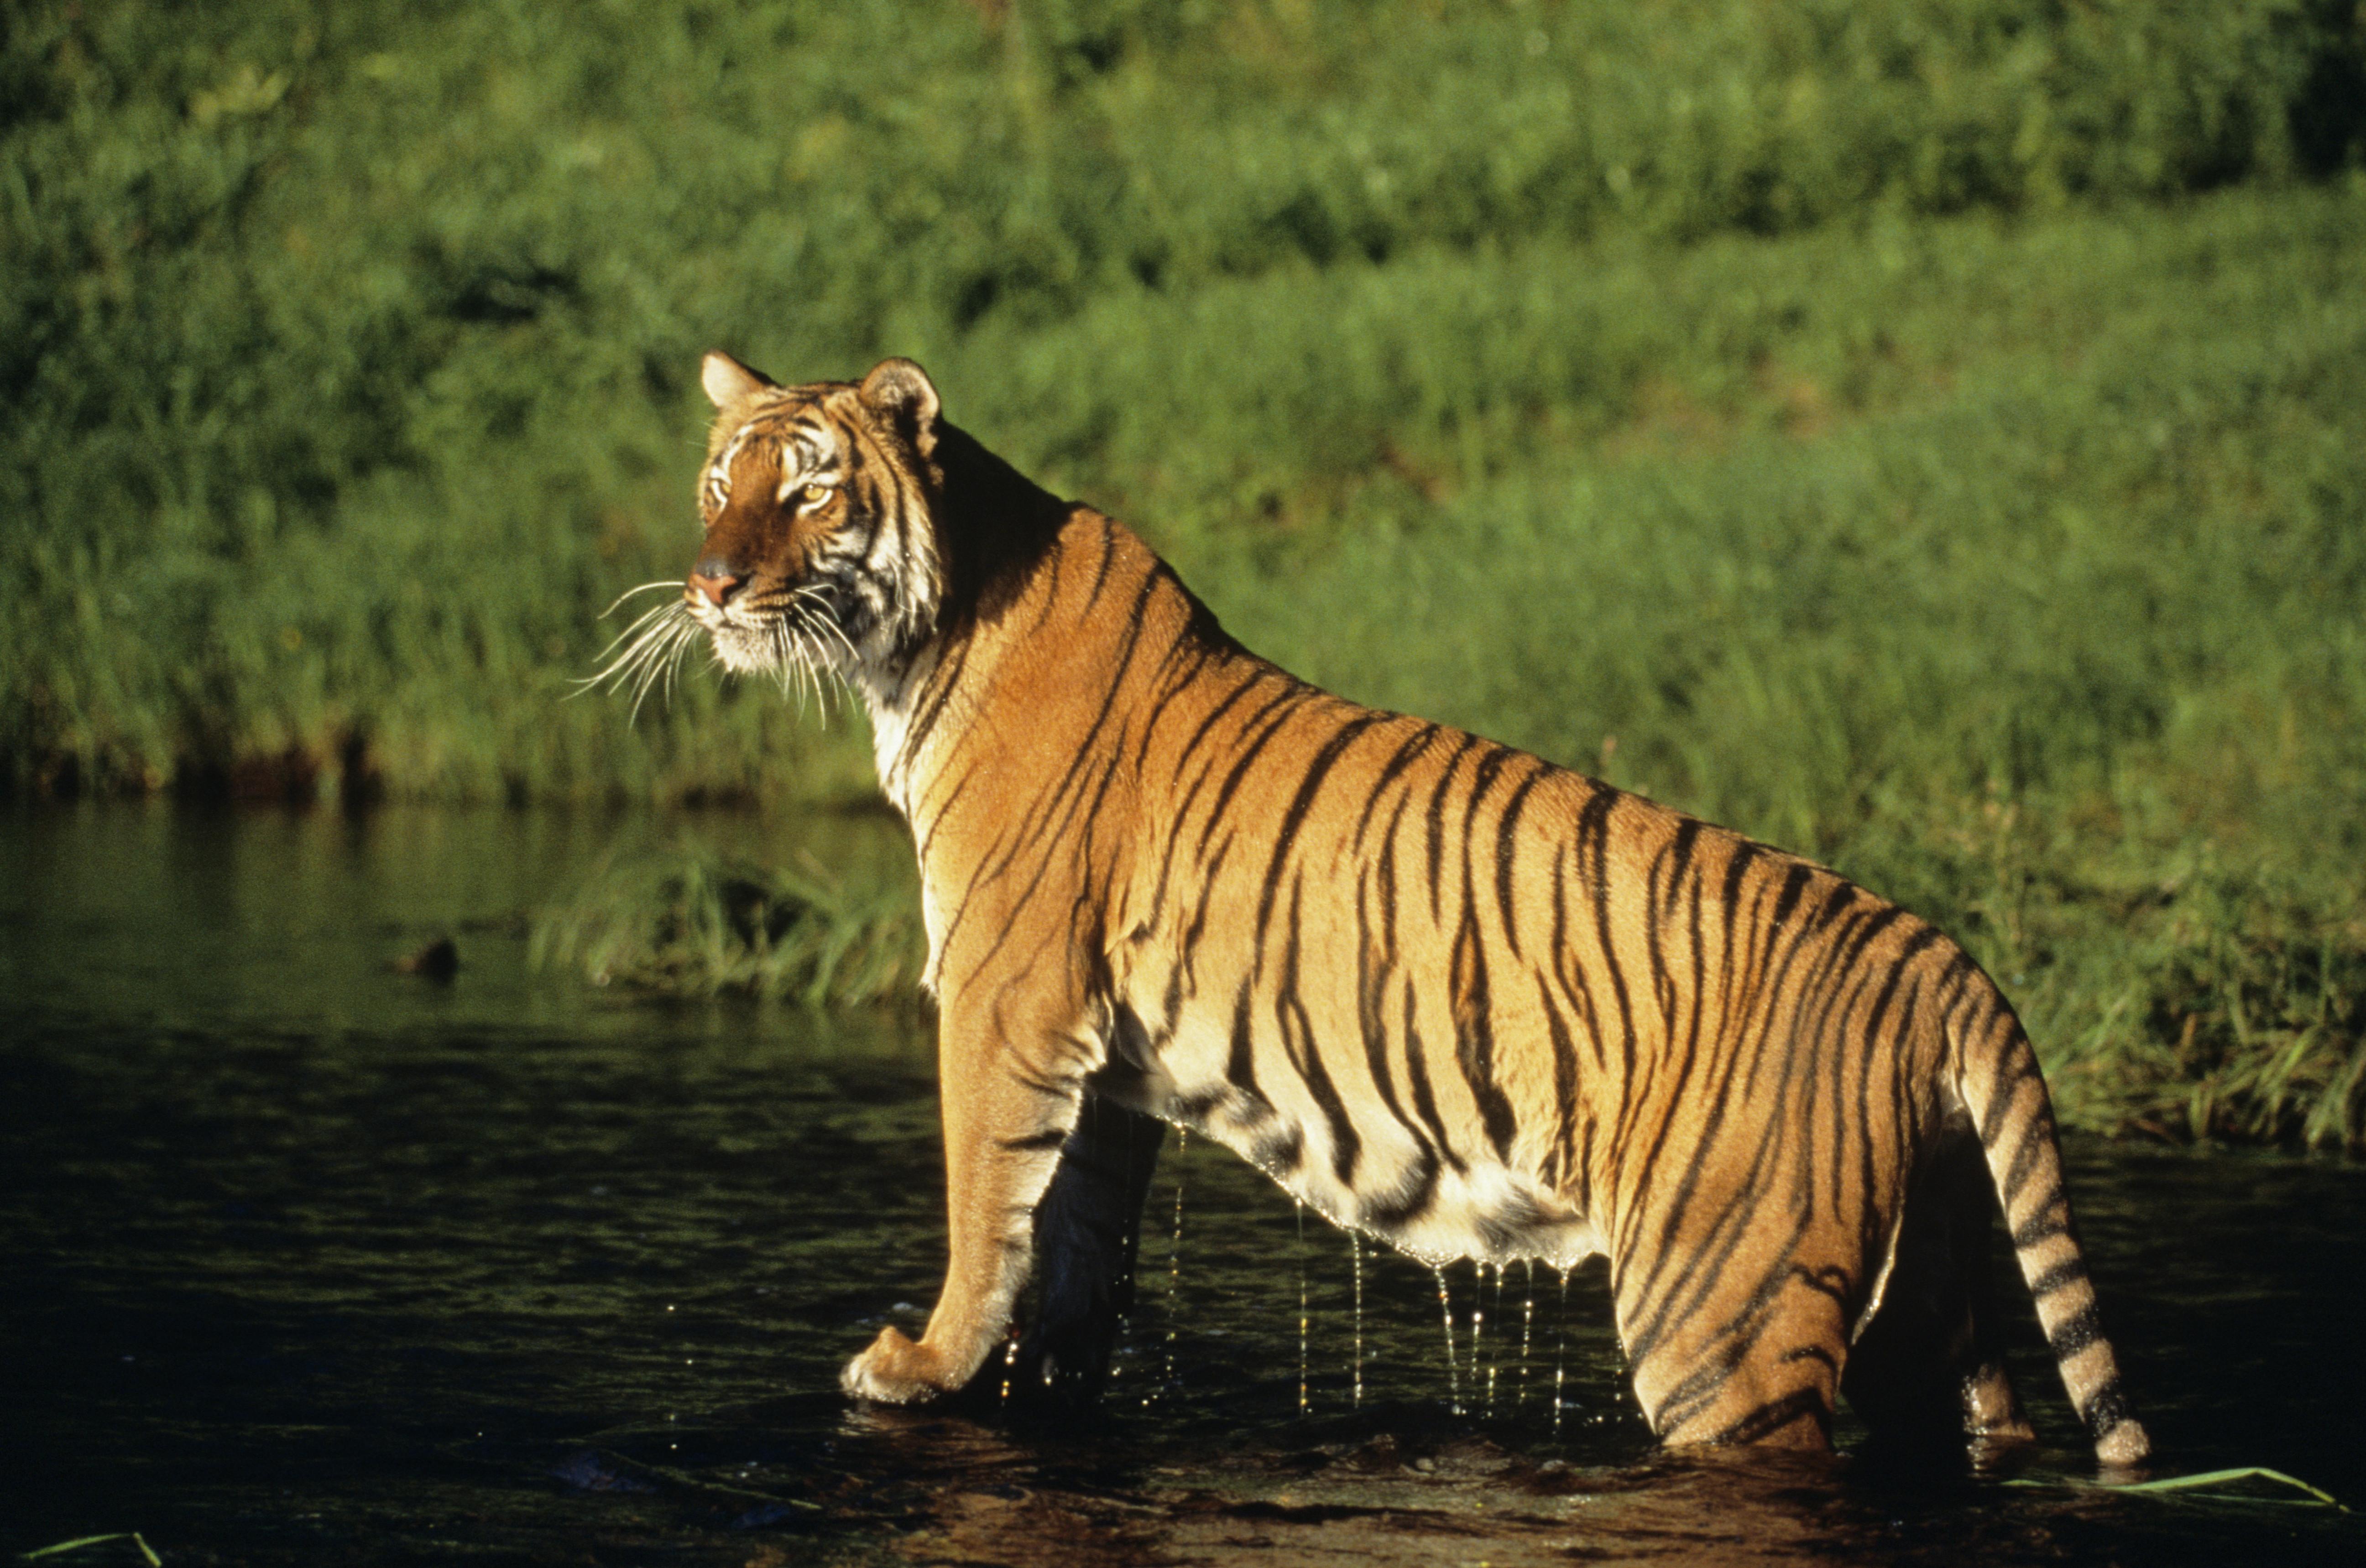 Go tiger spotting in Nepal